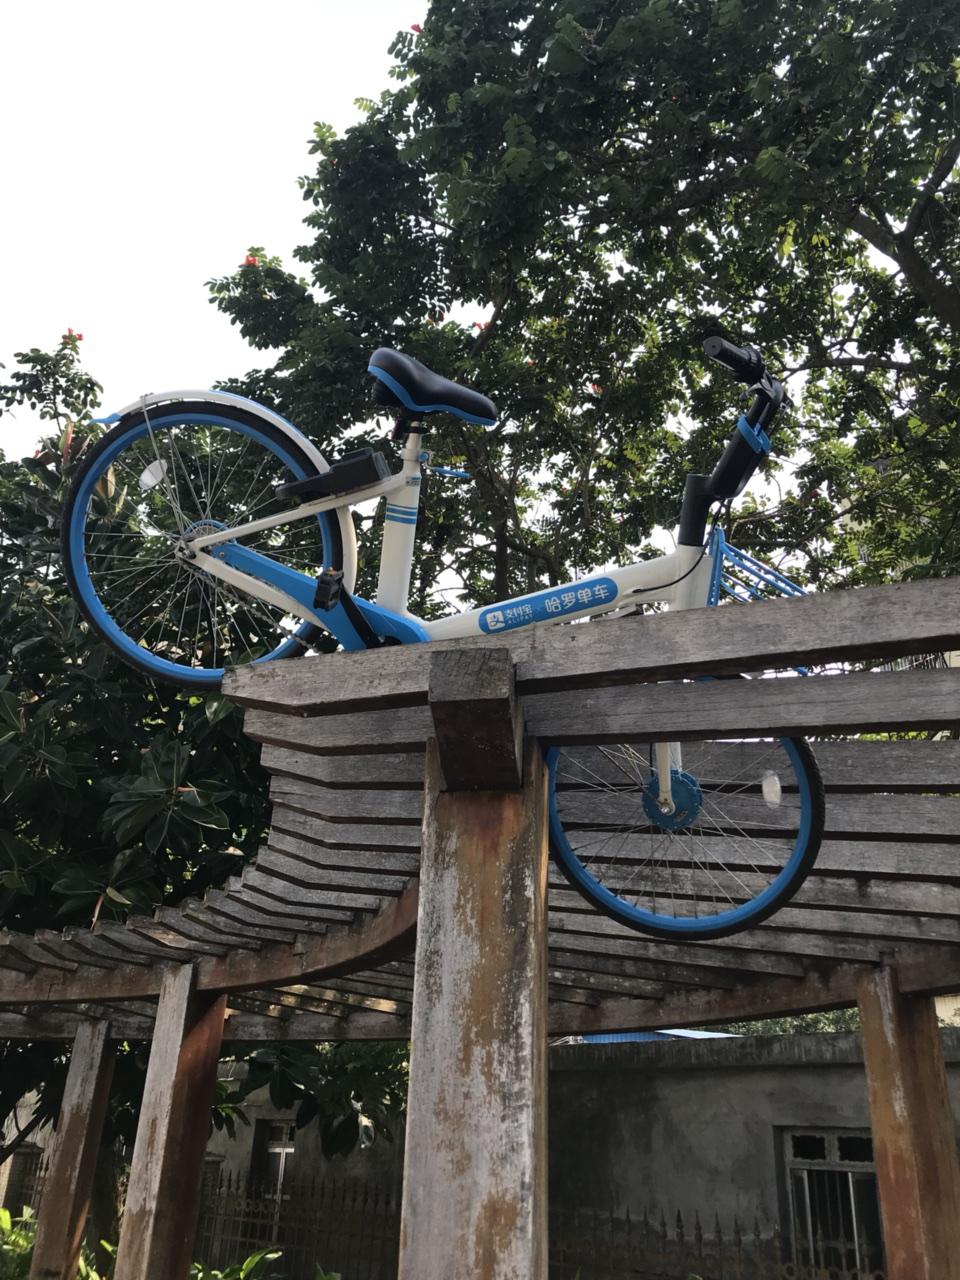 奇葩啊!上次共享单车被丢到万泉河,这回又被丢到走廊顶上了!